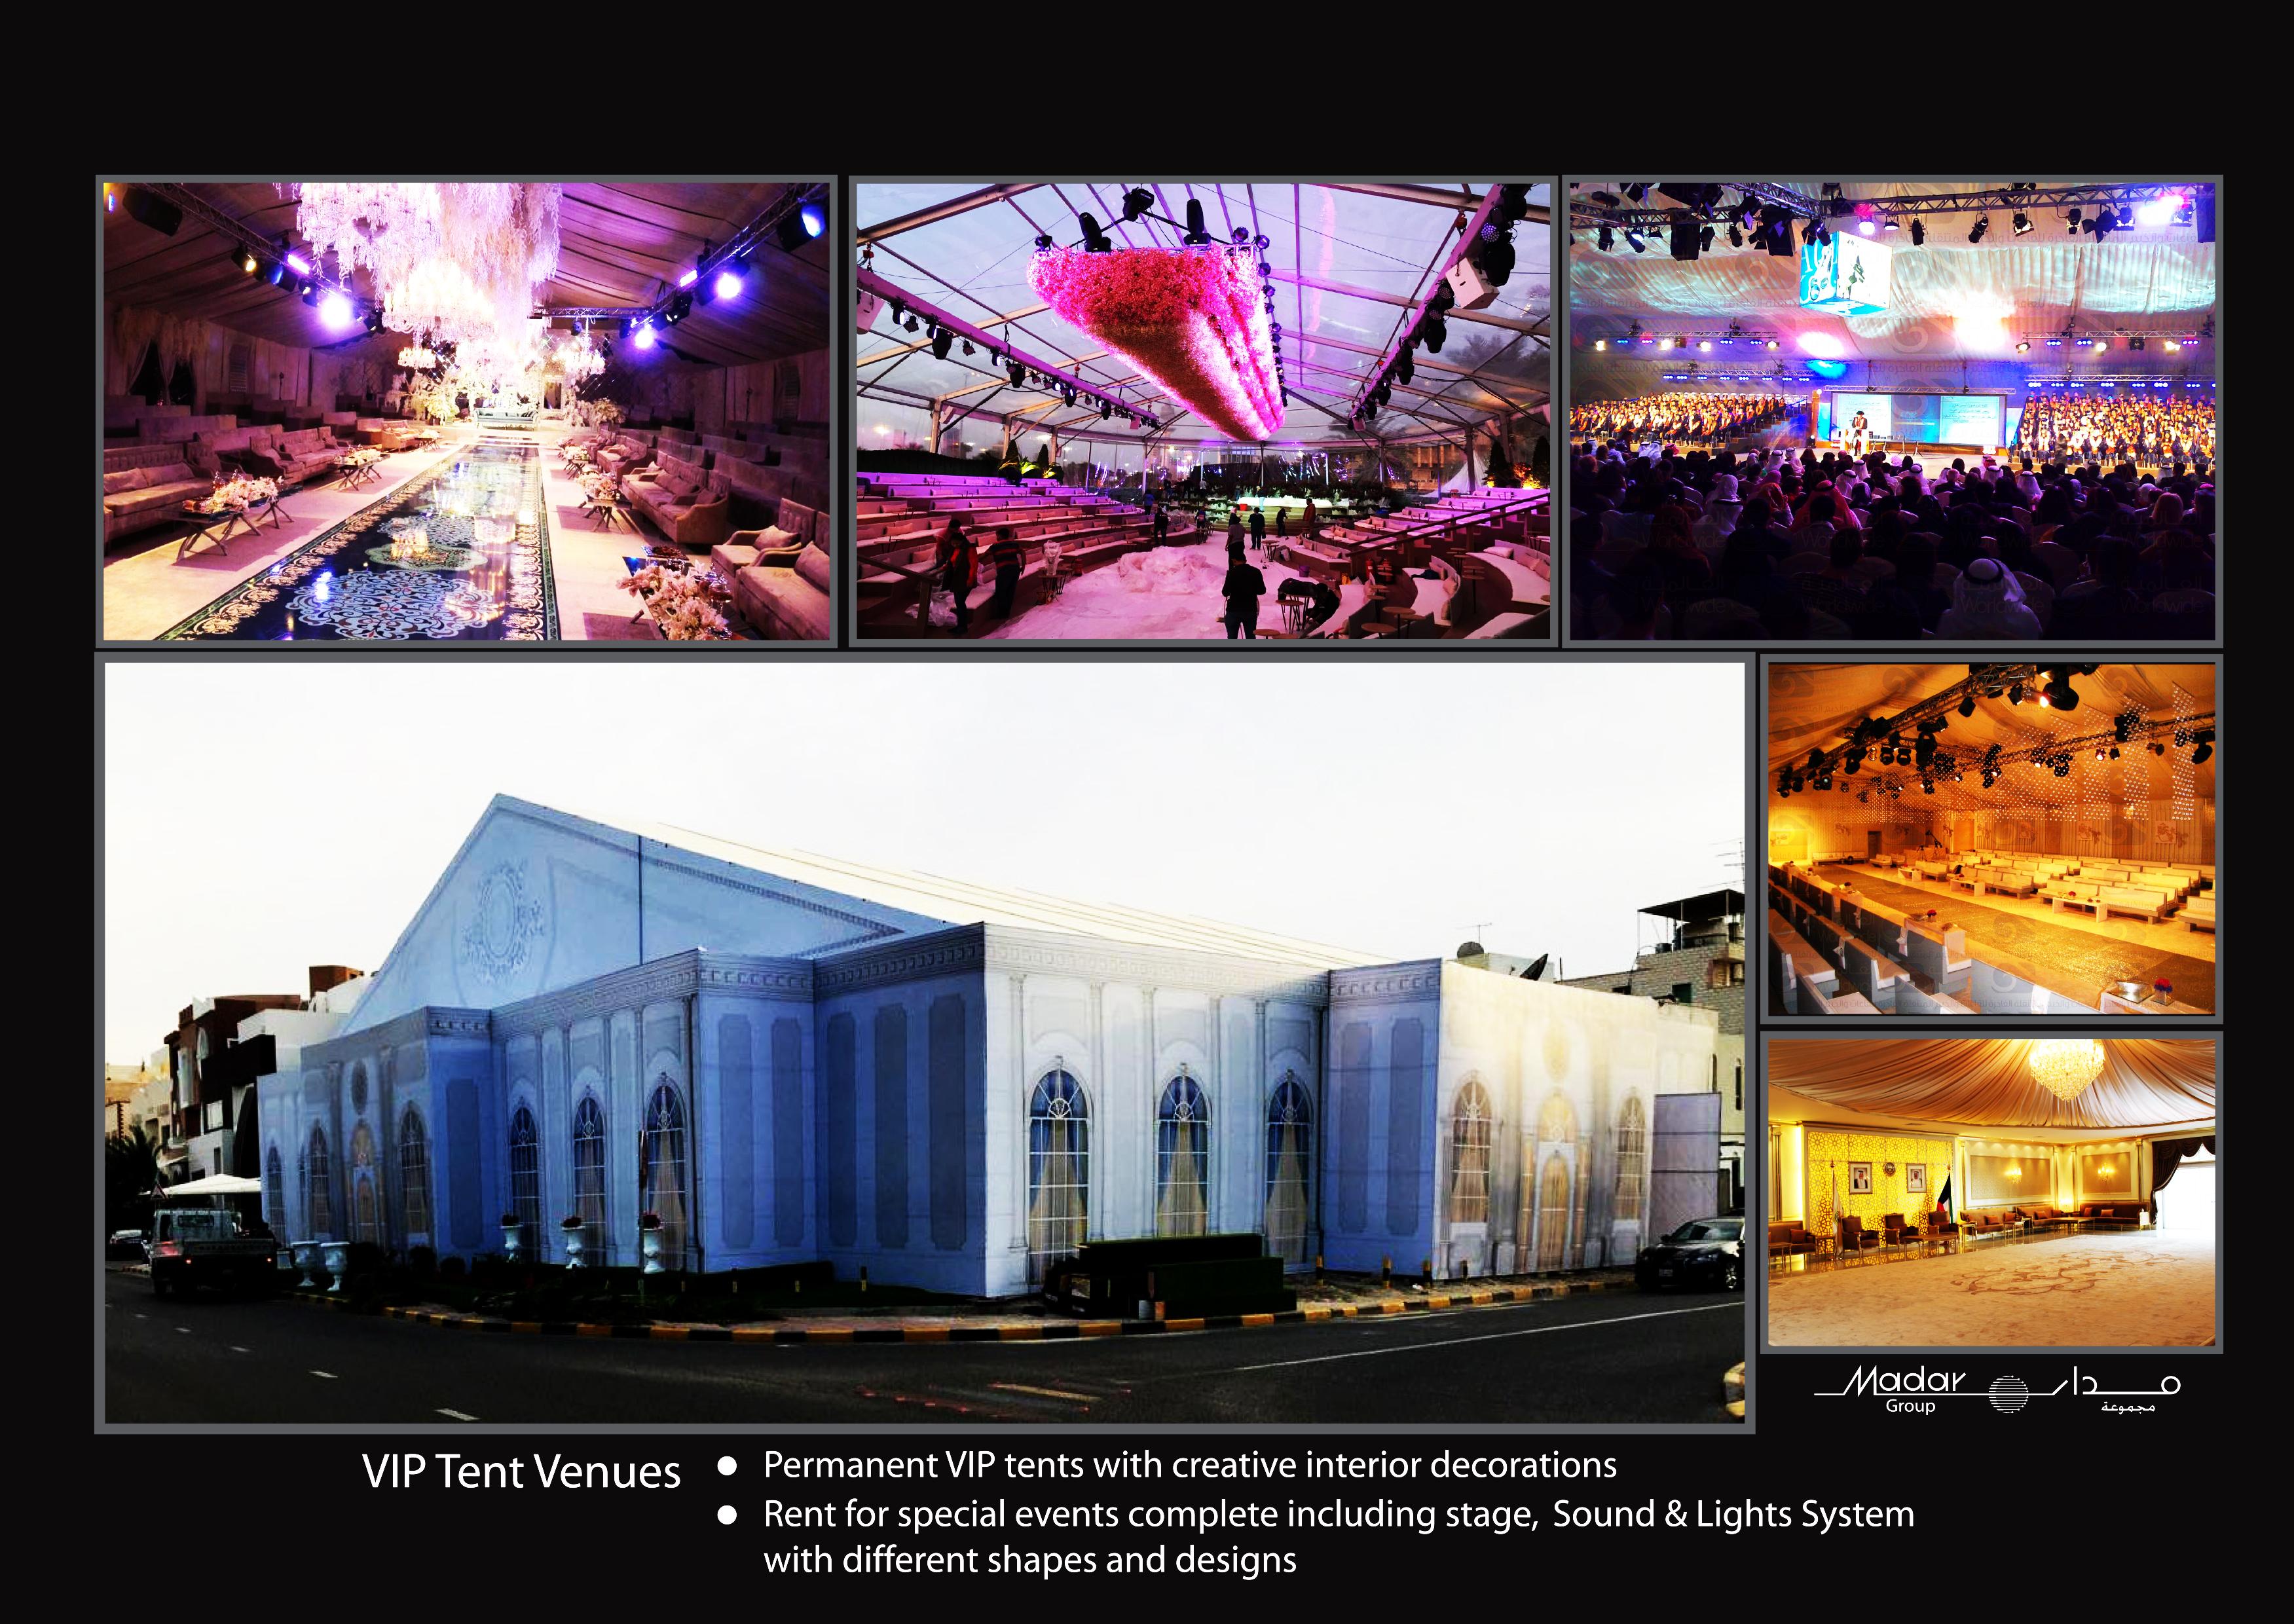 VIP Tent Venues